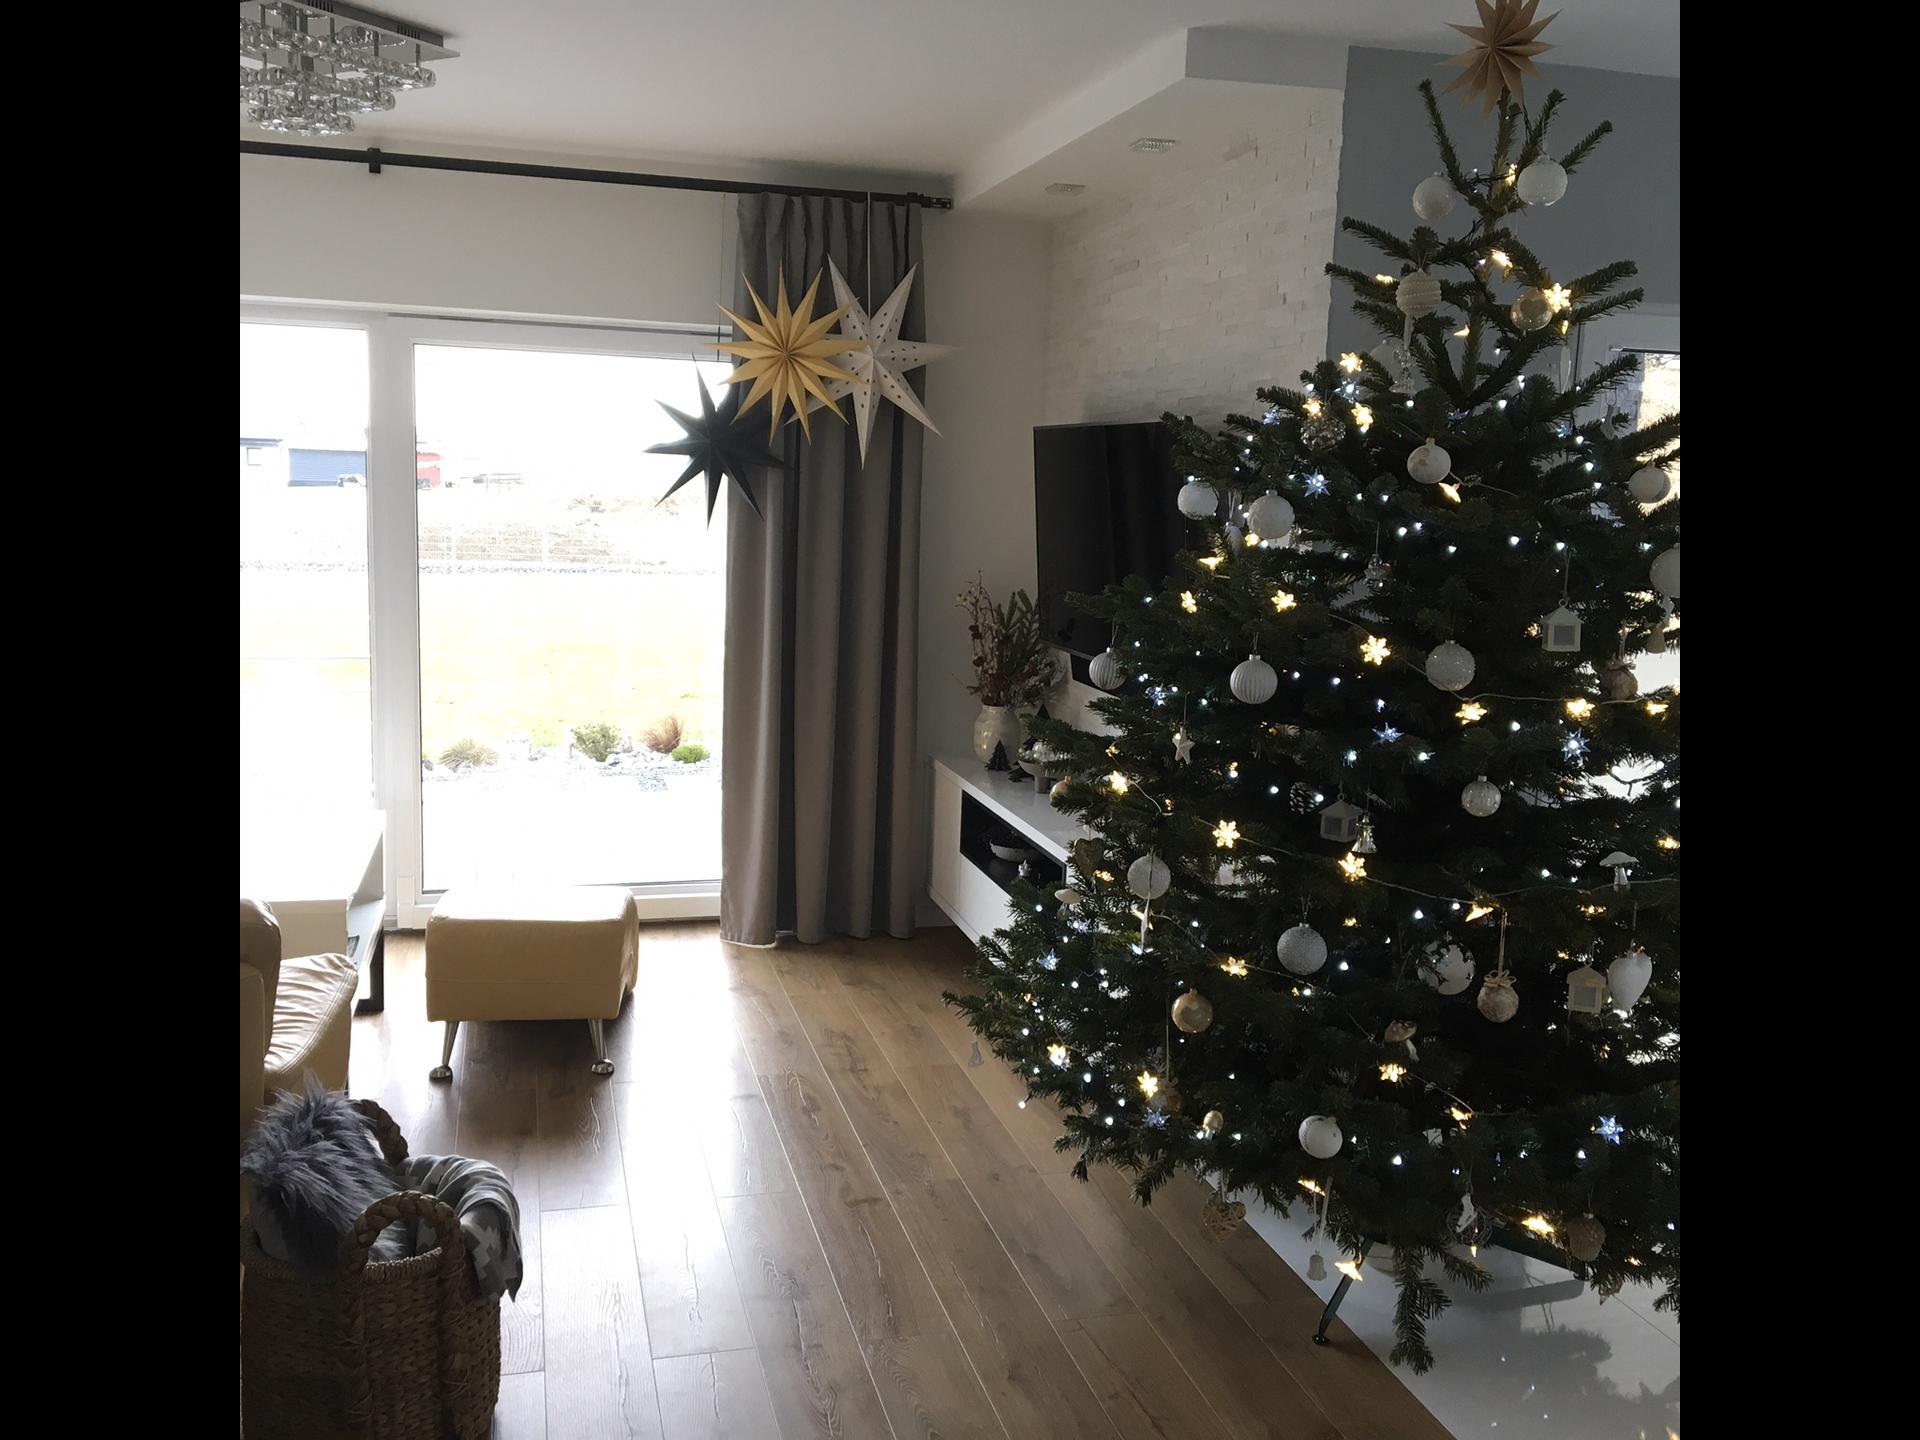 Začiatok 3. roku bývania vo vytúženom domčeku - Vianoce u nás🎄✨